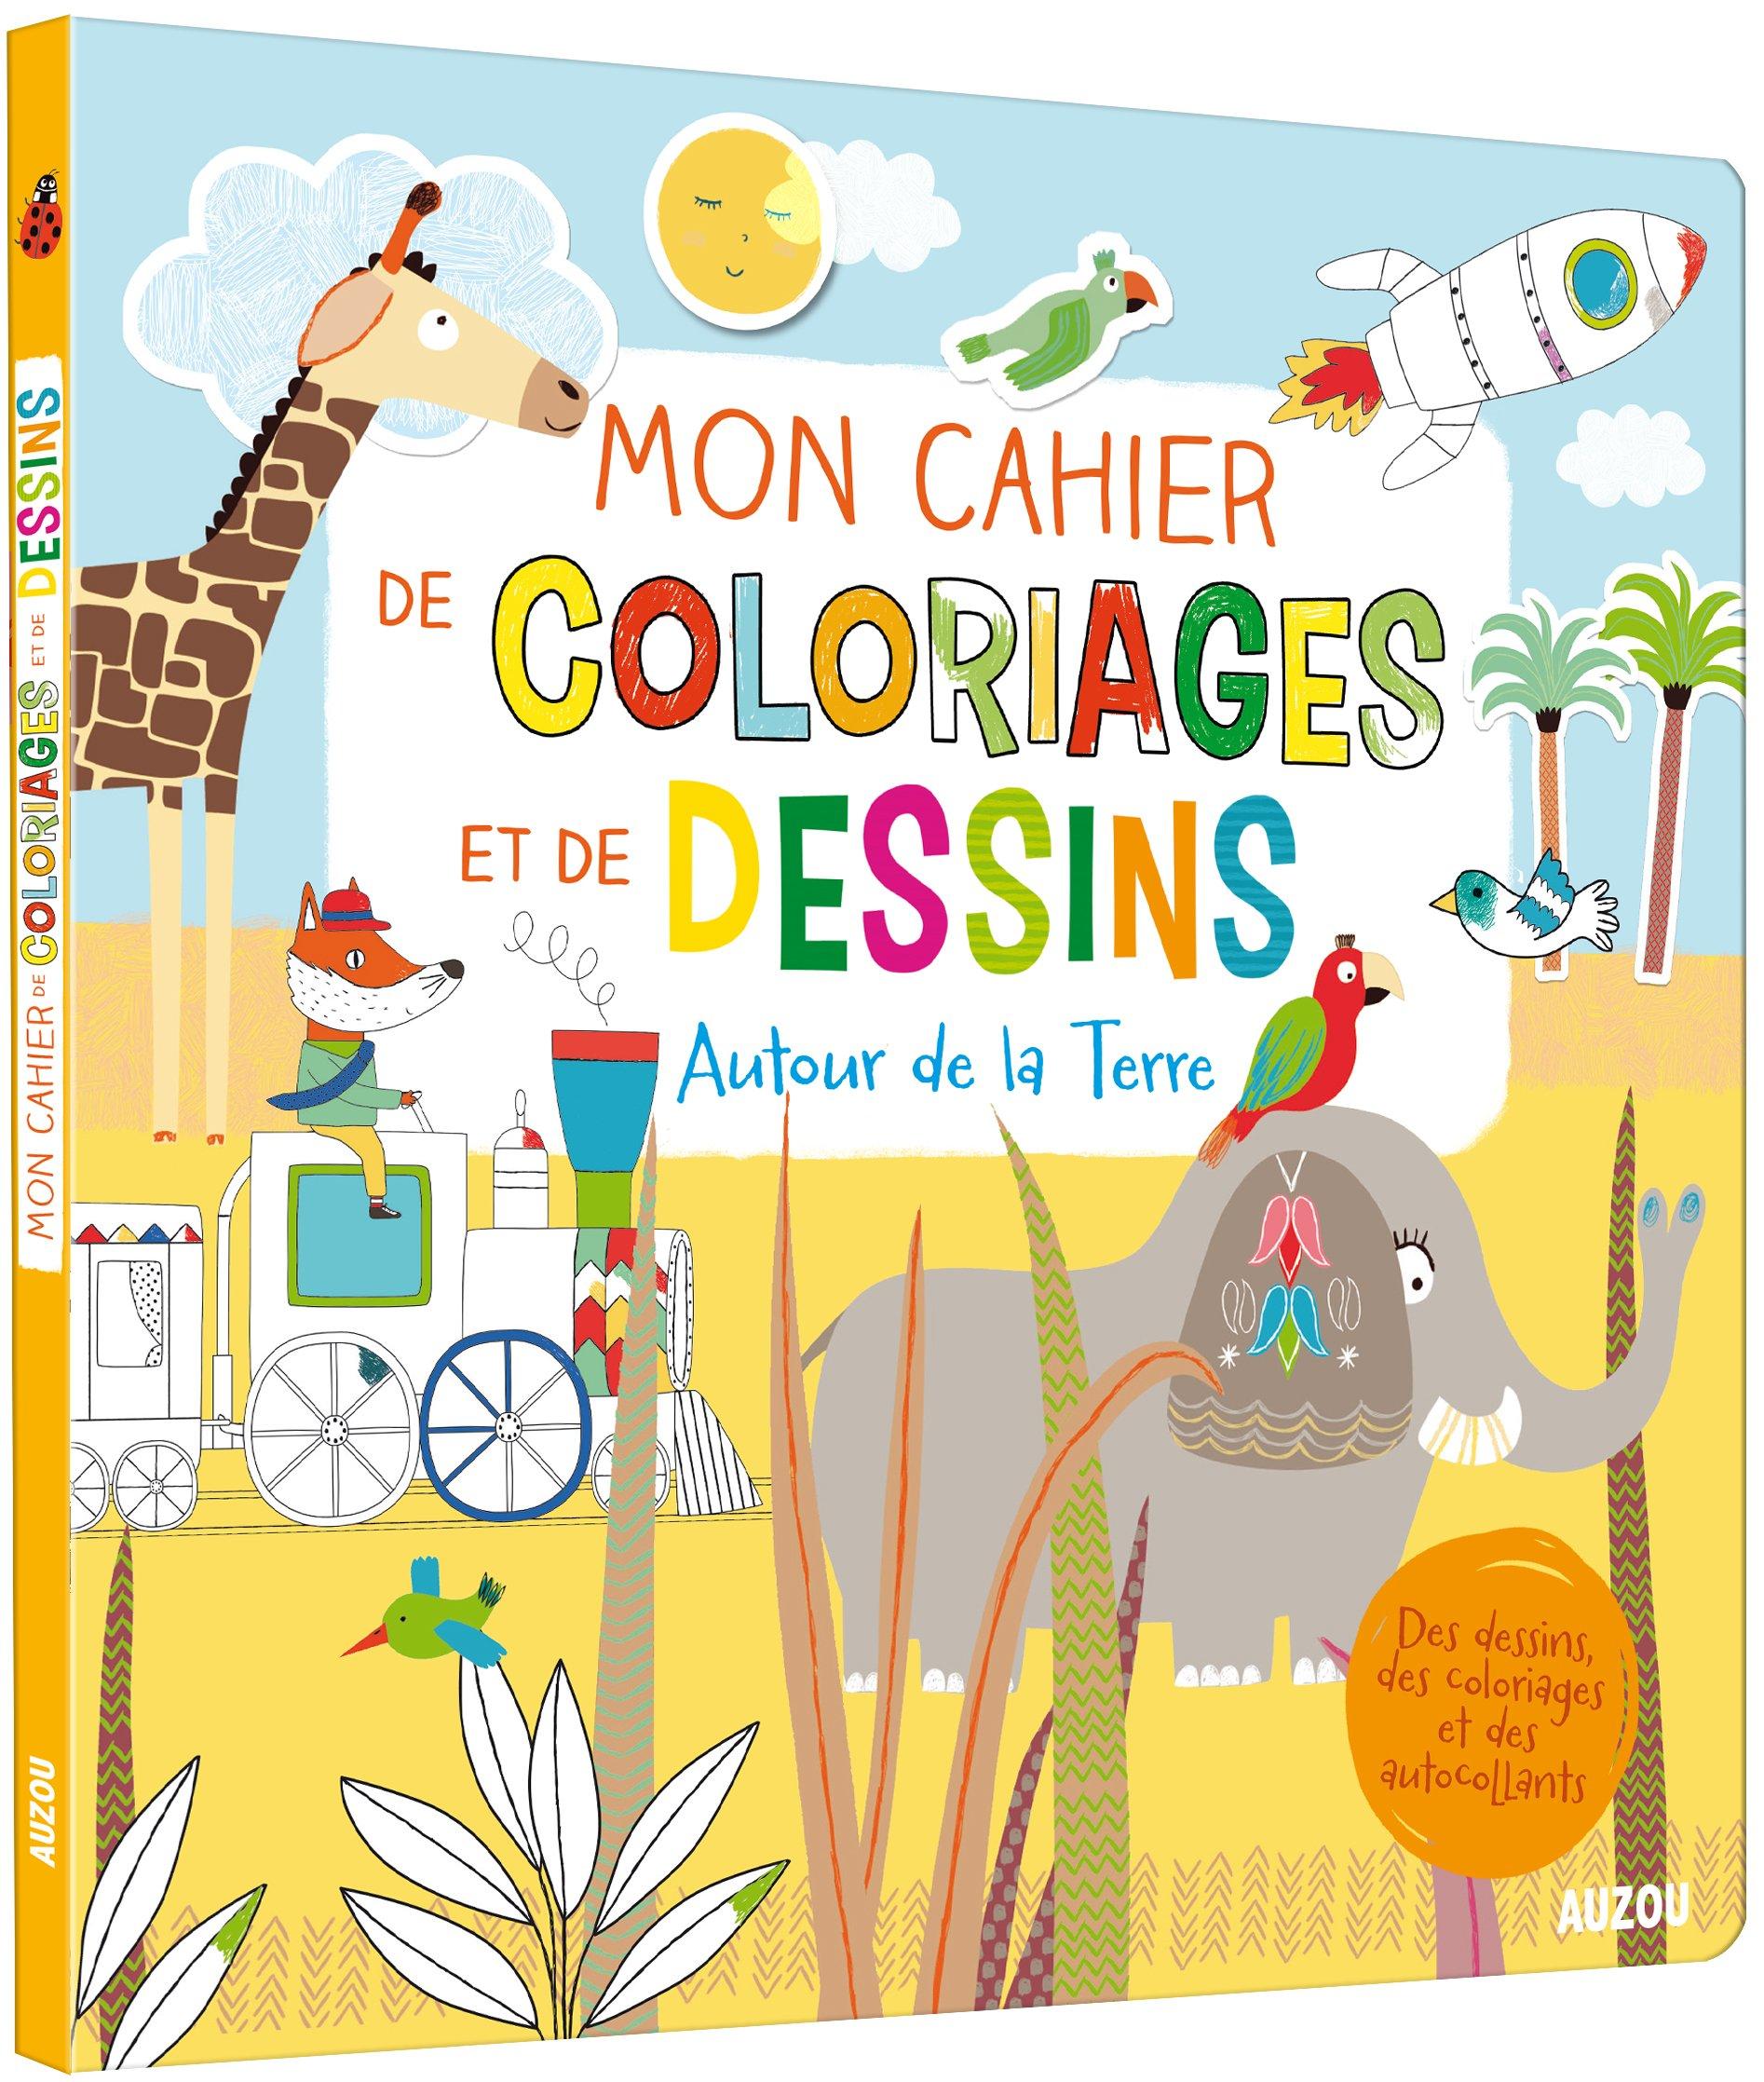 Mon Cahier De Coloriages Et De Dessins Autour De La Terre